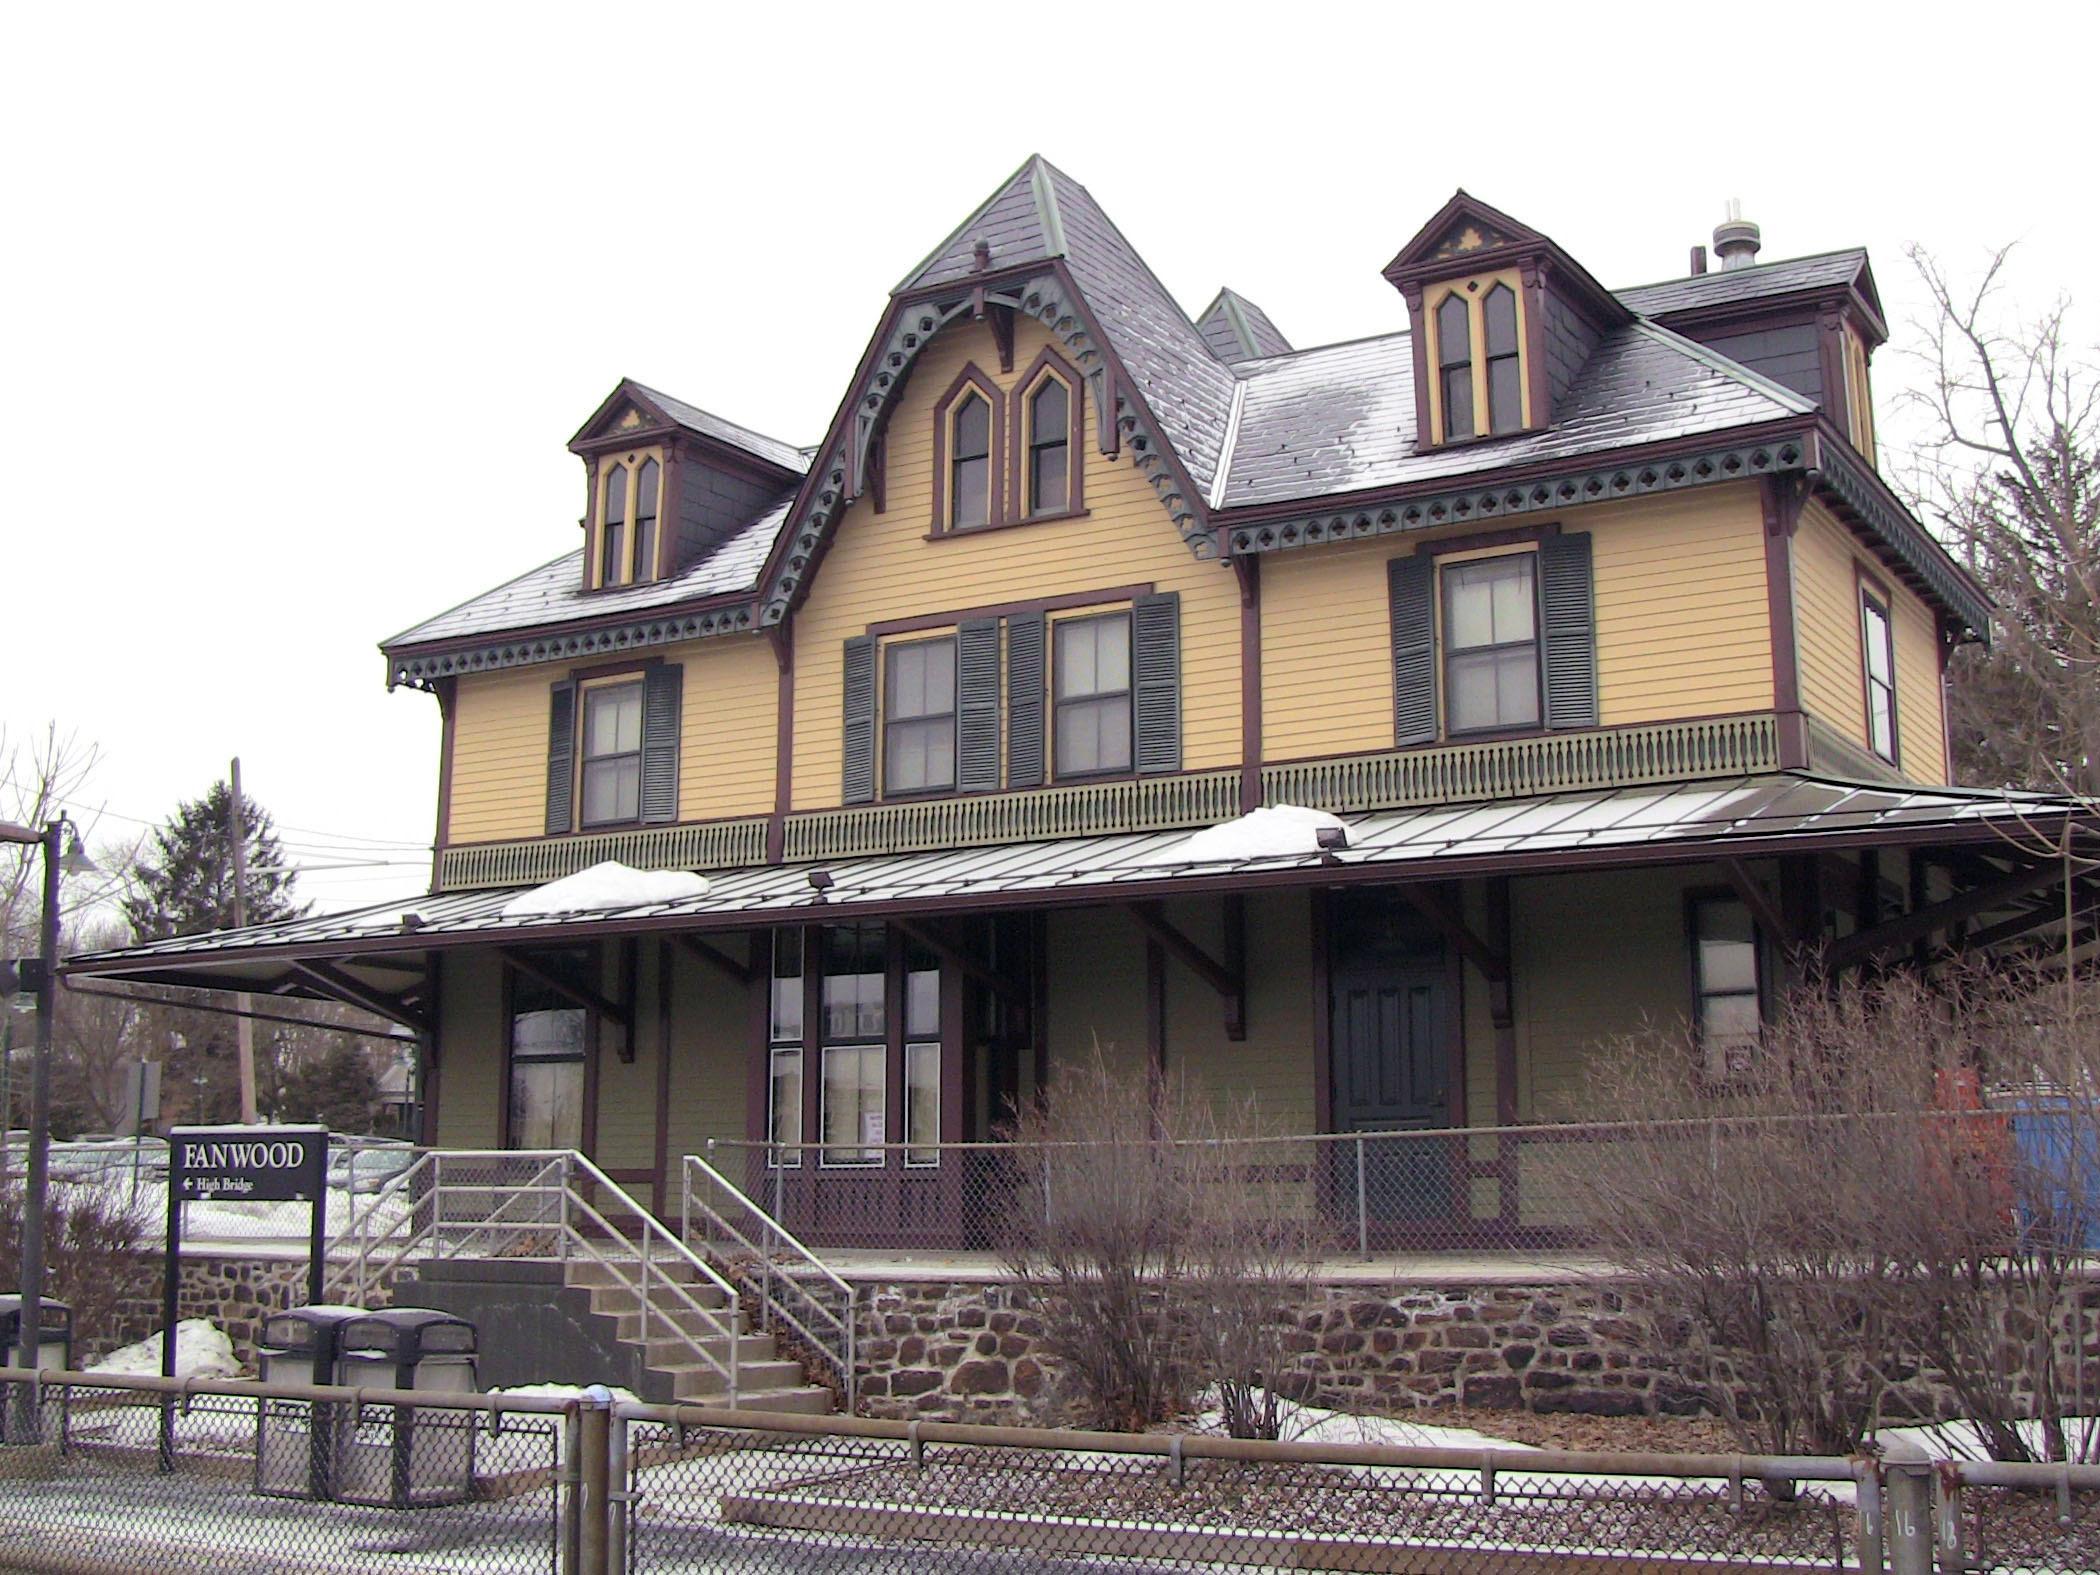 5a1e221c4a6158998dae_Fanwood_Train_Station_House.jpg